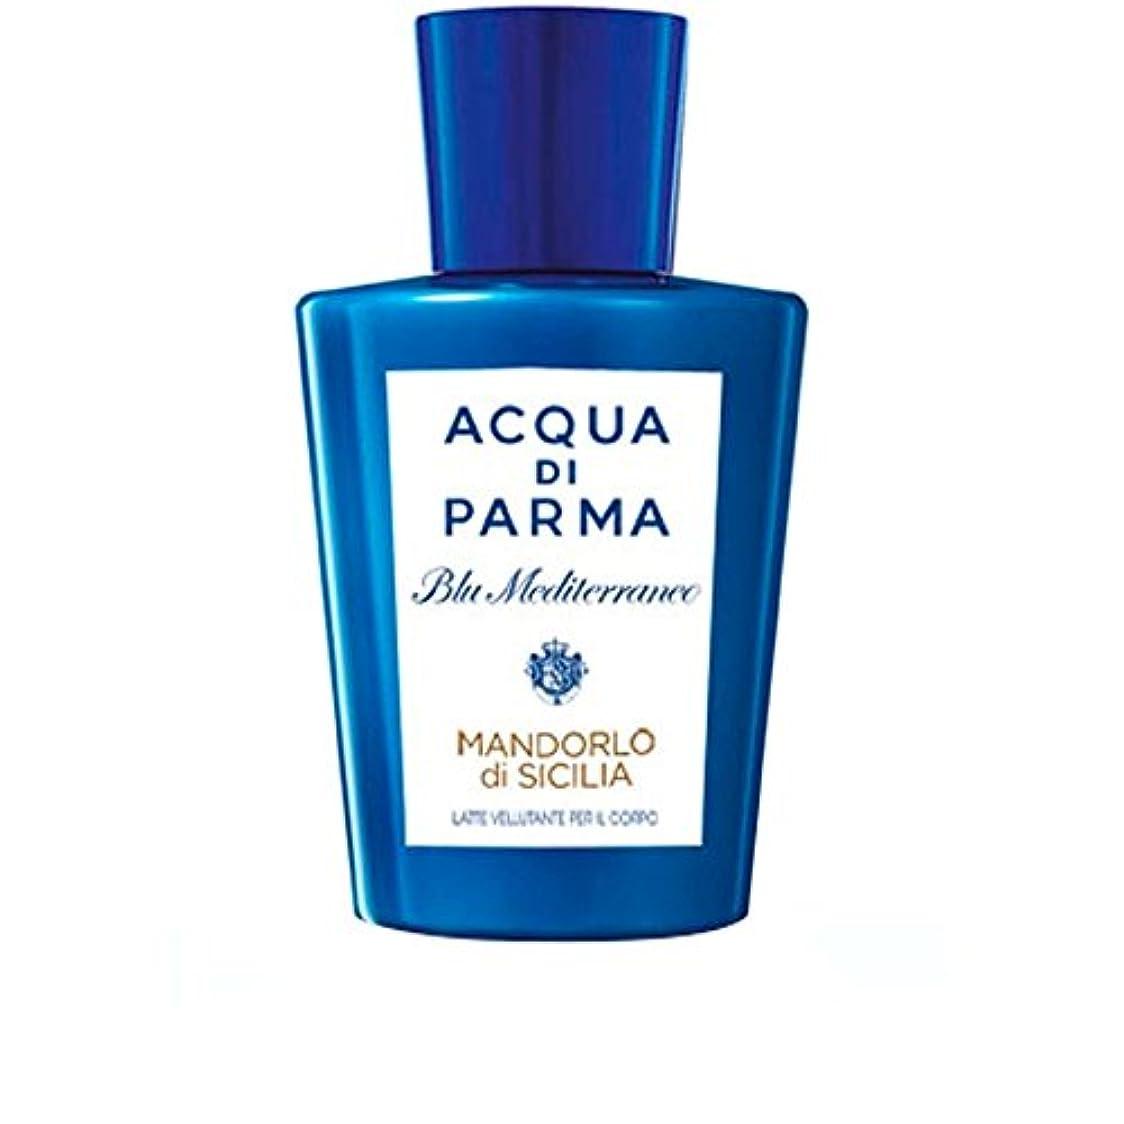 肥沃な予知染料Acqua Di Parma Mandorlo Di Sicilia Pampering Body Lotion 200ml (Pack of 6) - アクアディパルママンドルロ?ディ?シチリア至福のボディローション200...